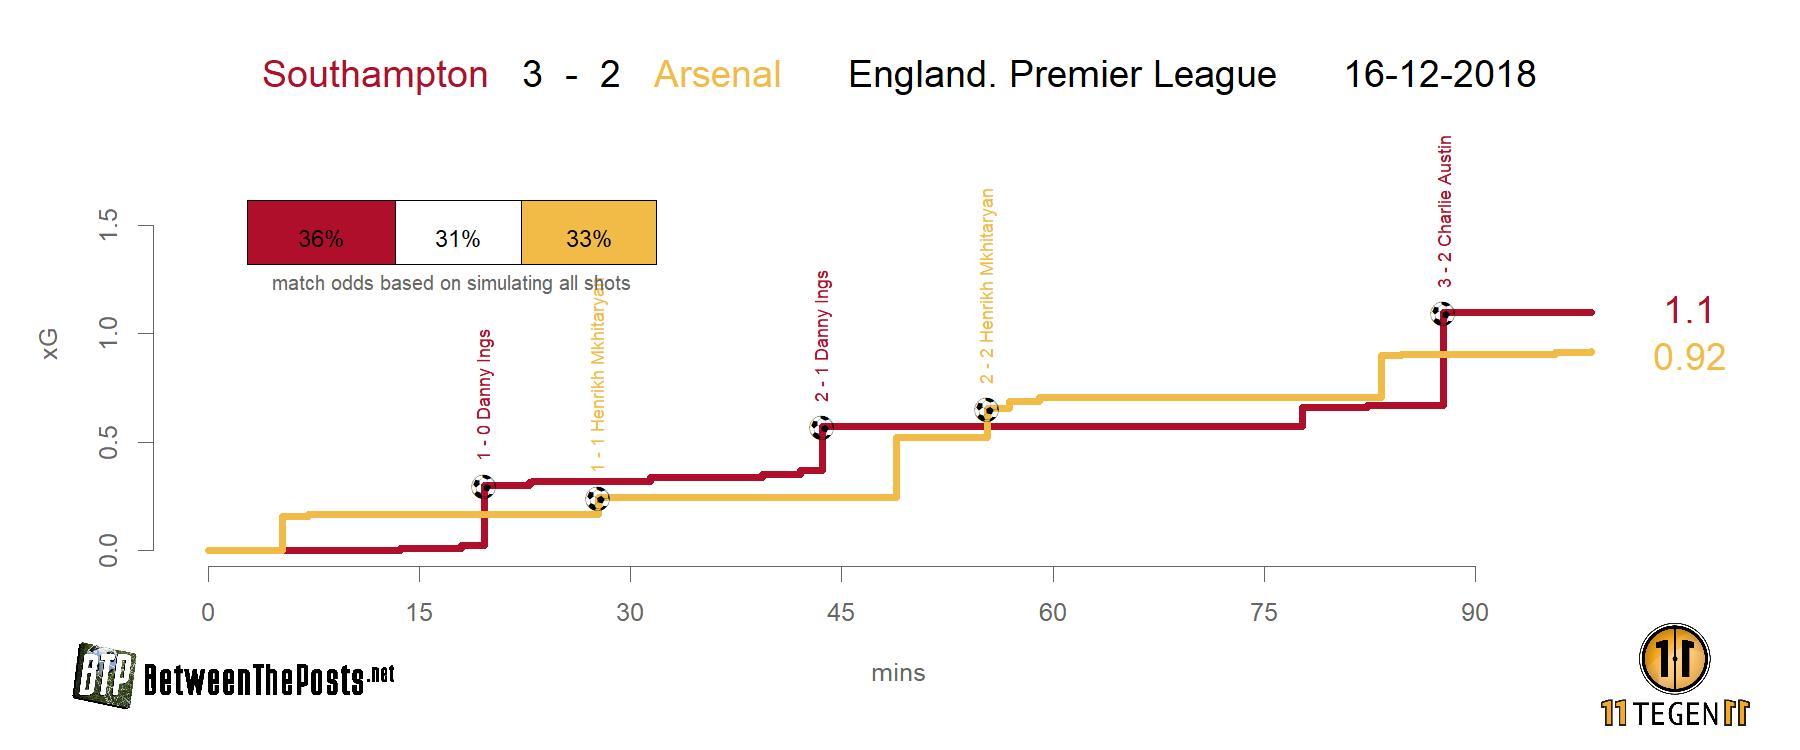 Expected goals plot Southampton - Arsenal 3-2 Premier League